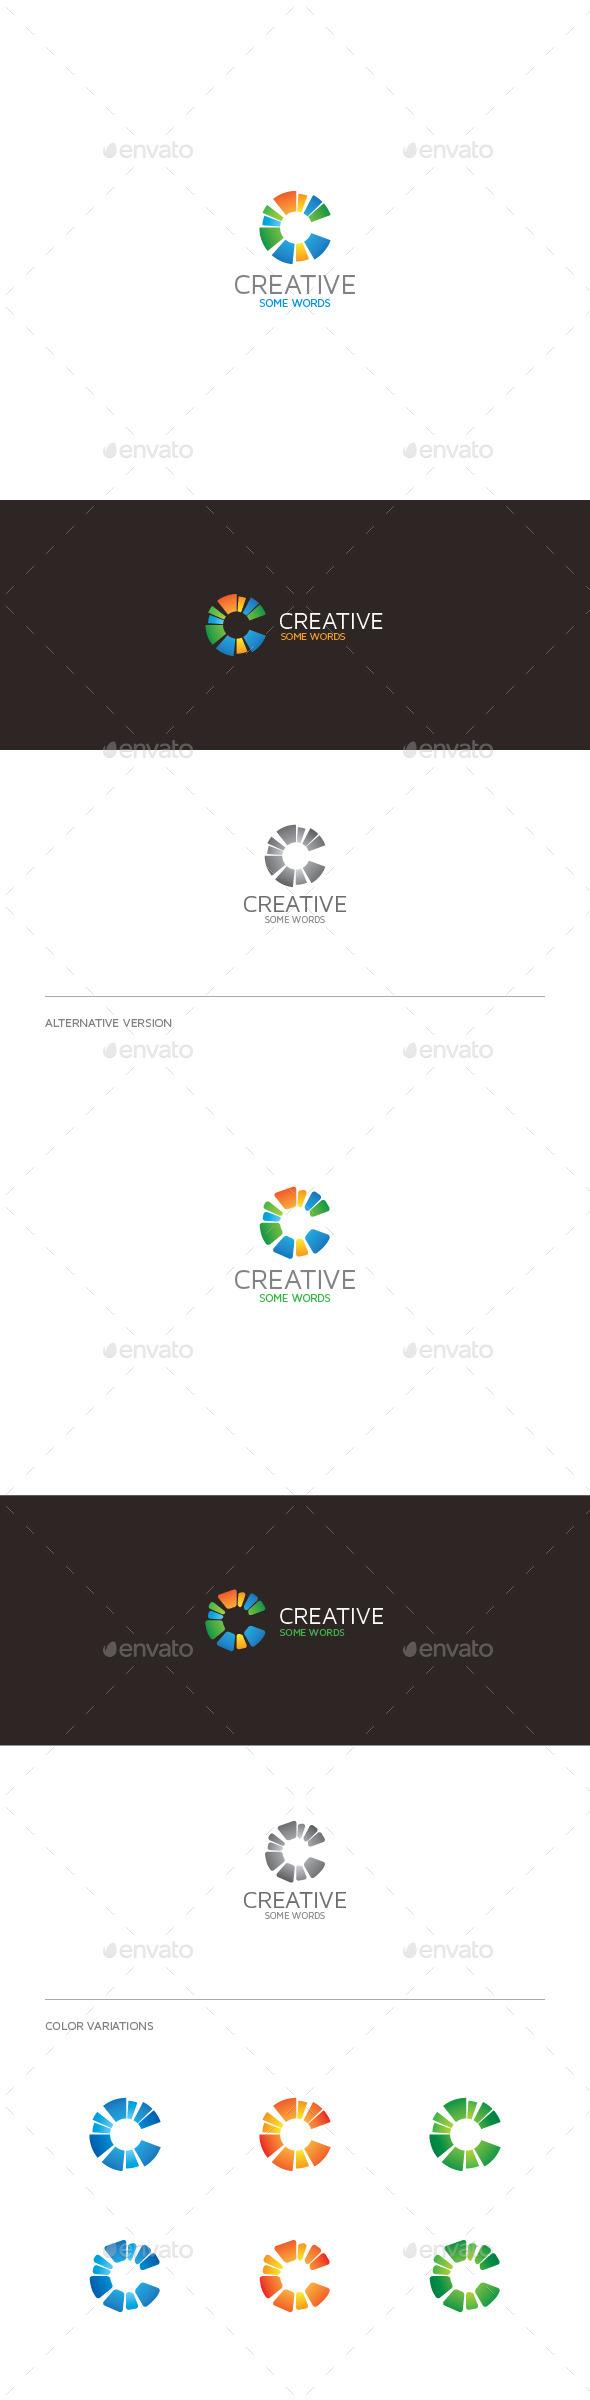 GraphicRiver Creative C Letter Logo 9274673